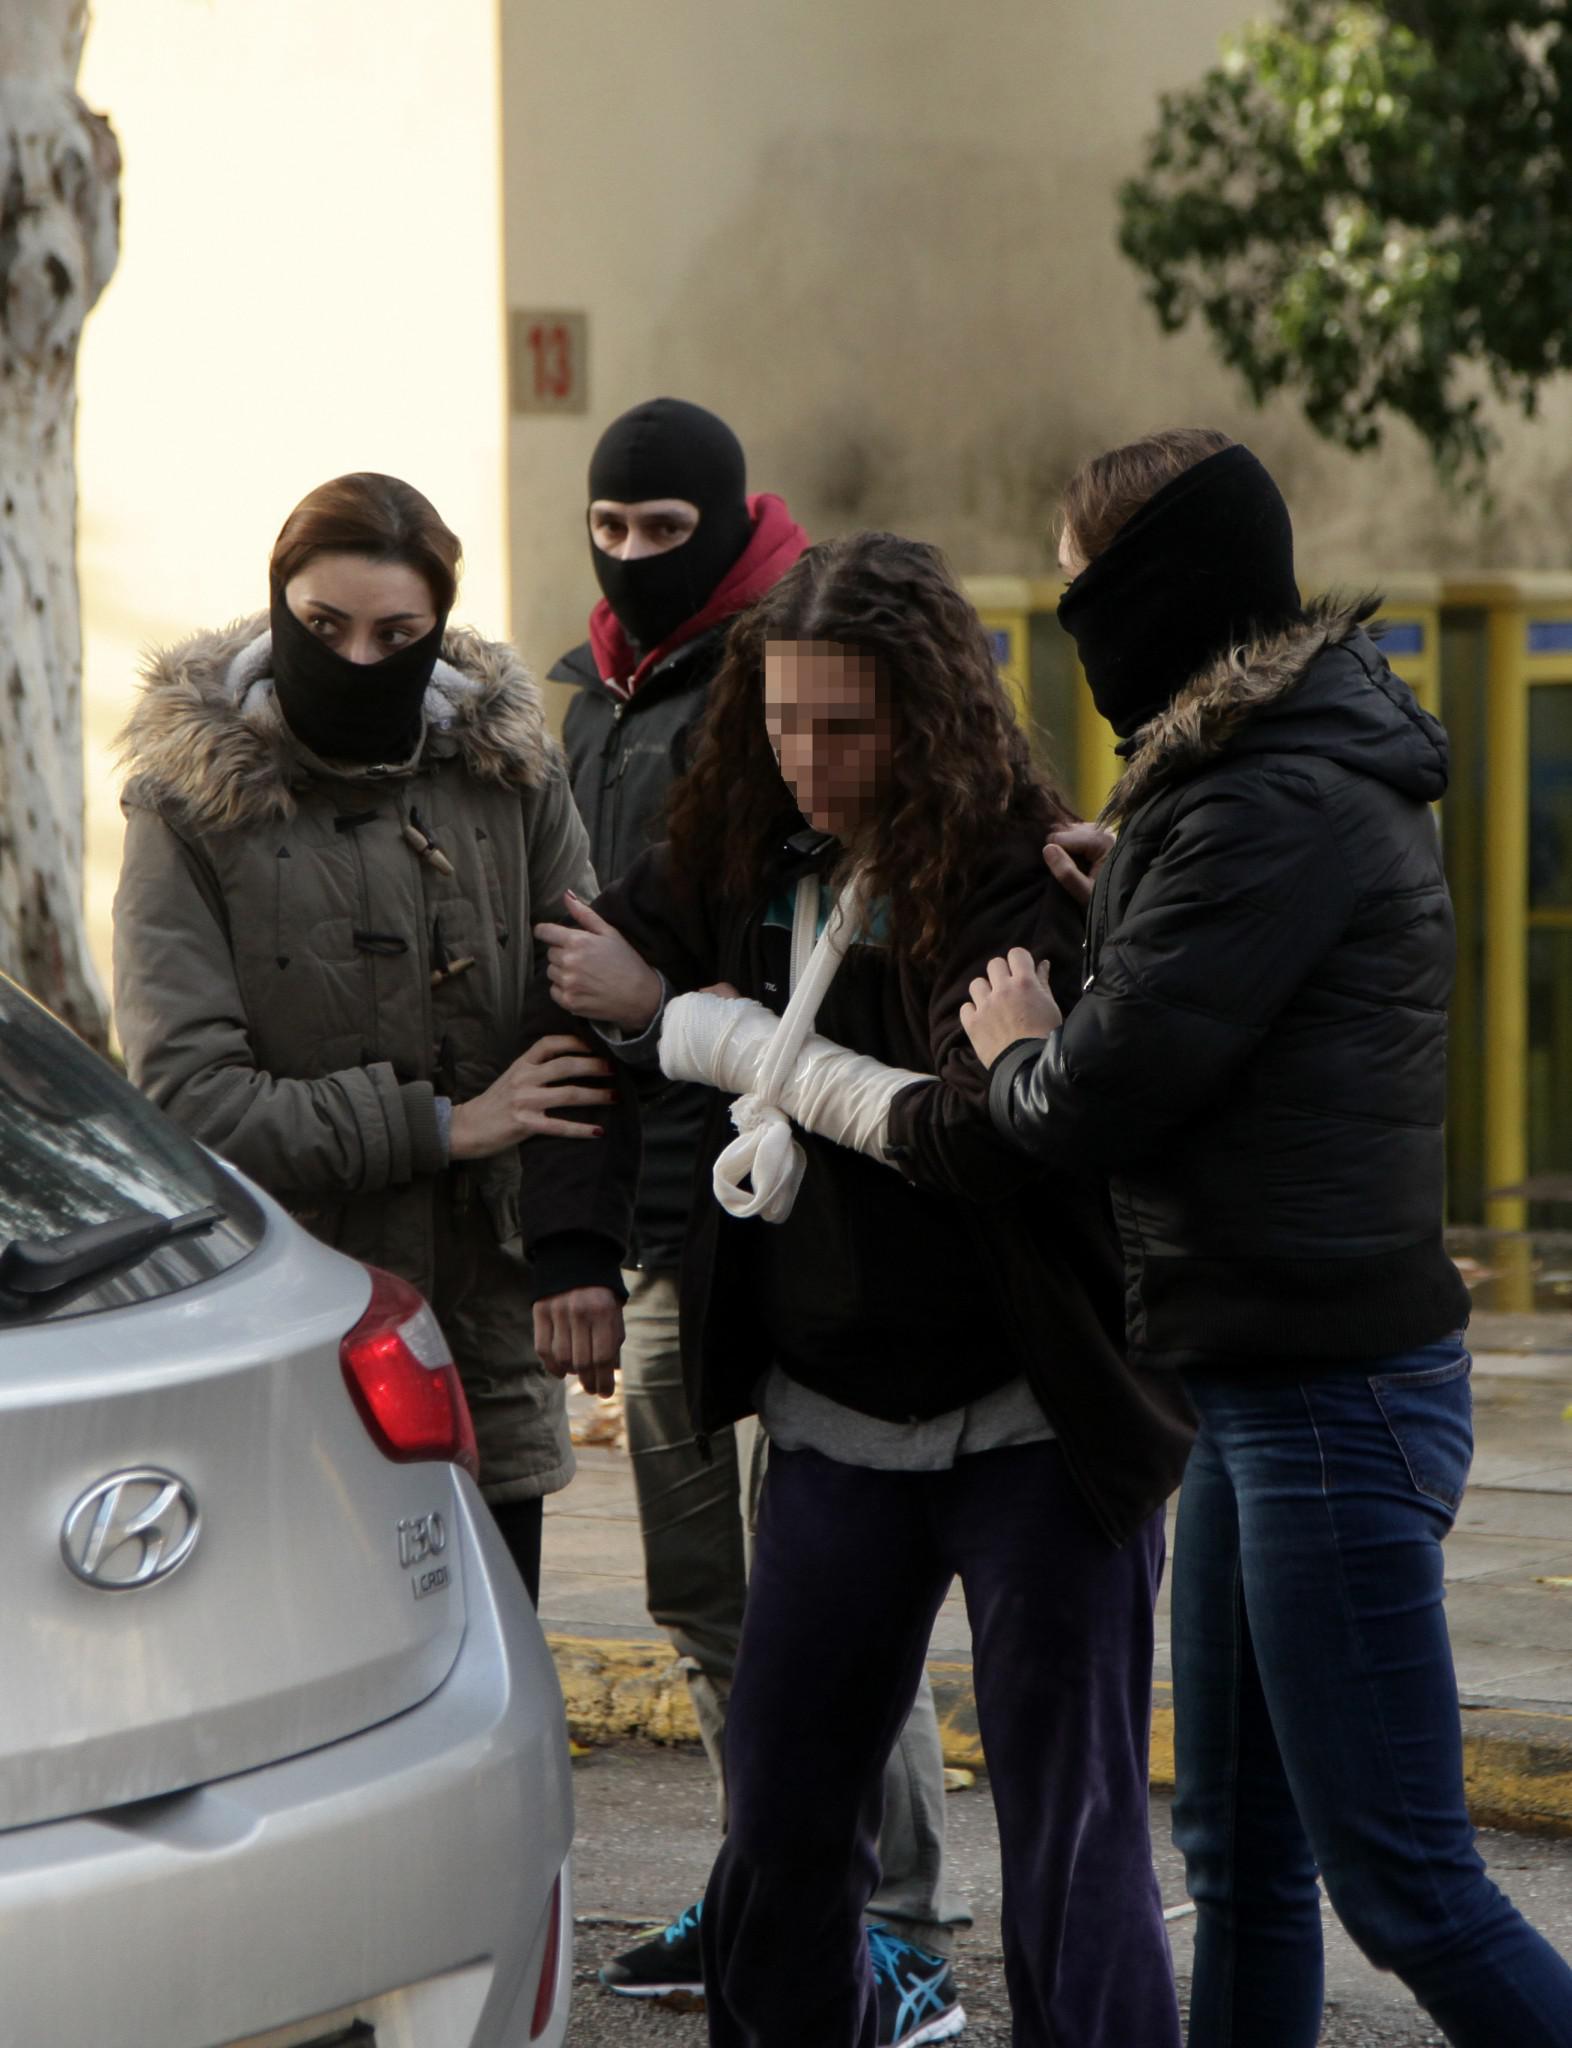 eisaggelia-500 Προφυλακιστέες Ρούπα και 25χρονη - Κατηγορούνται για νέα τρομοκρατική οργάνωση